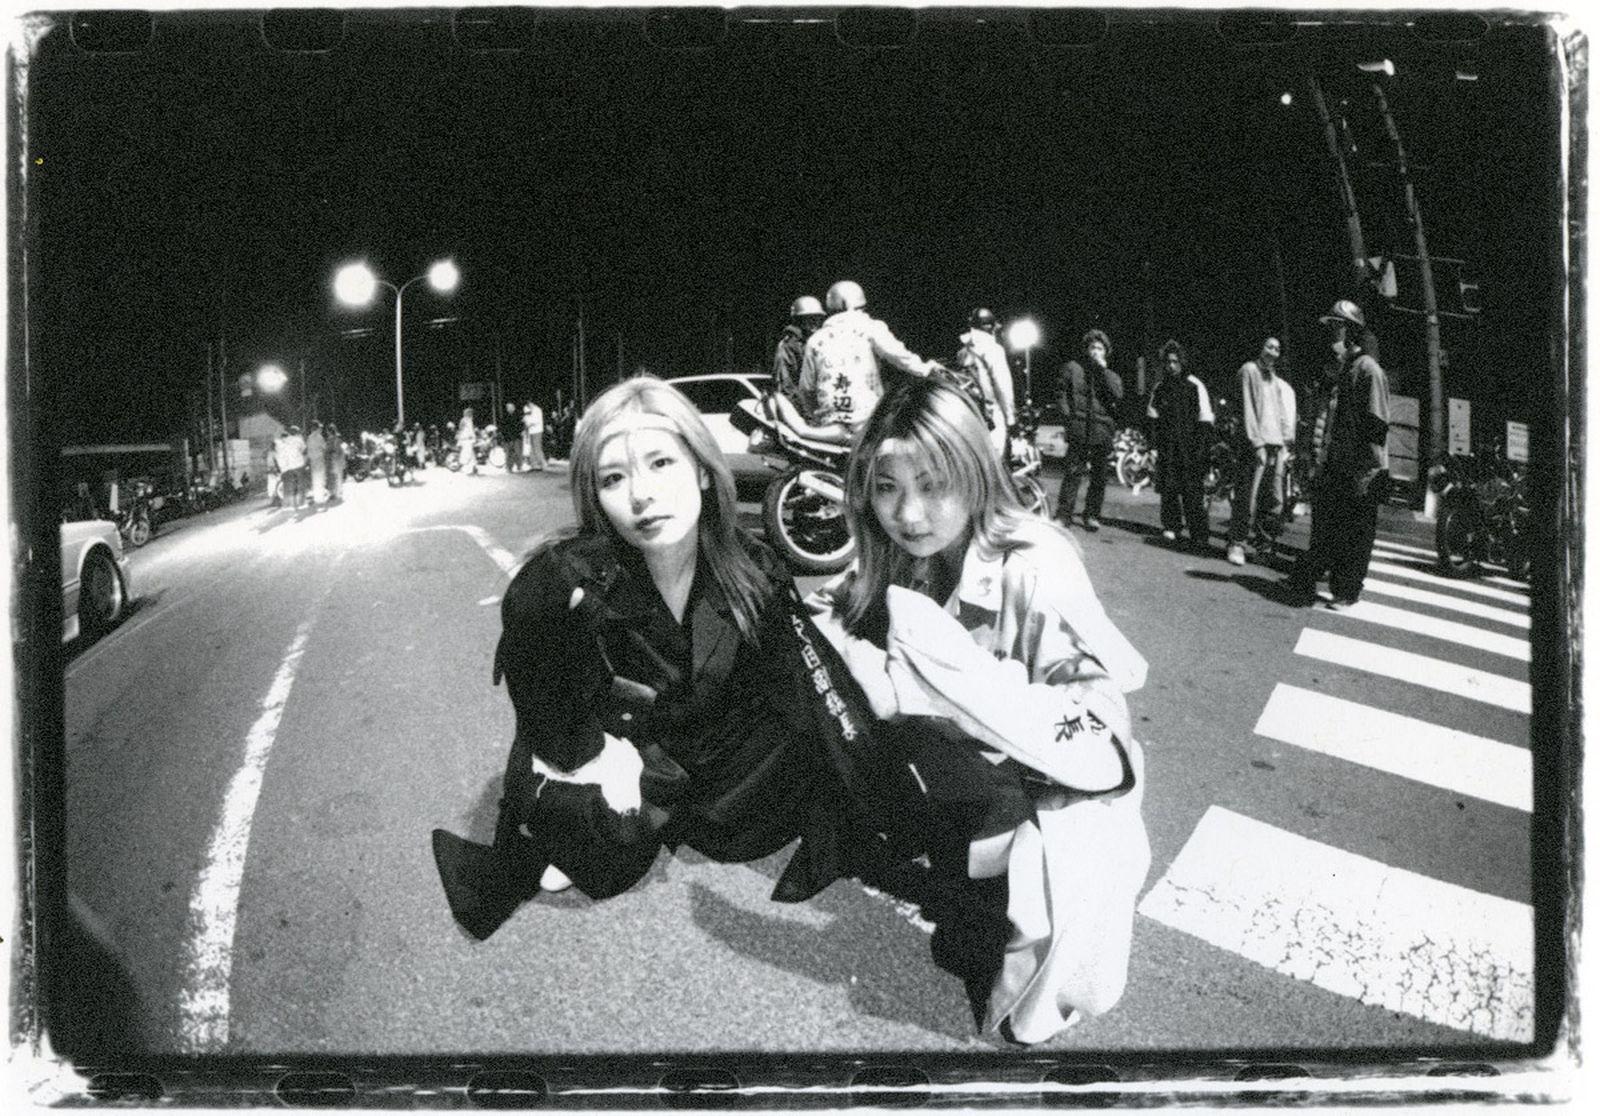 bosozoku the stylish legacy of japans rebel motorcycle gangs estevan oriol